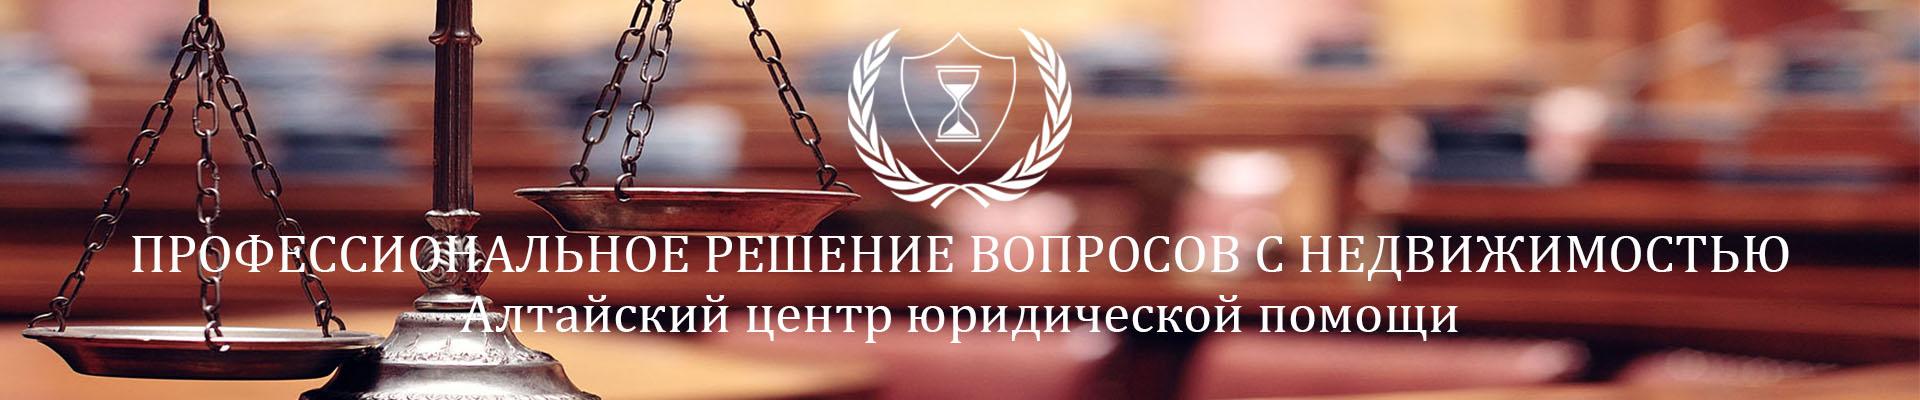 yurist_po_nedvizhimosti_v_barnaule